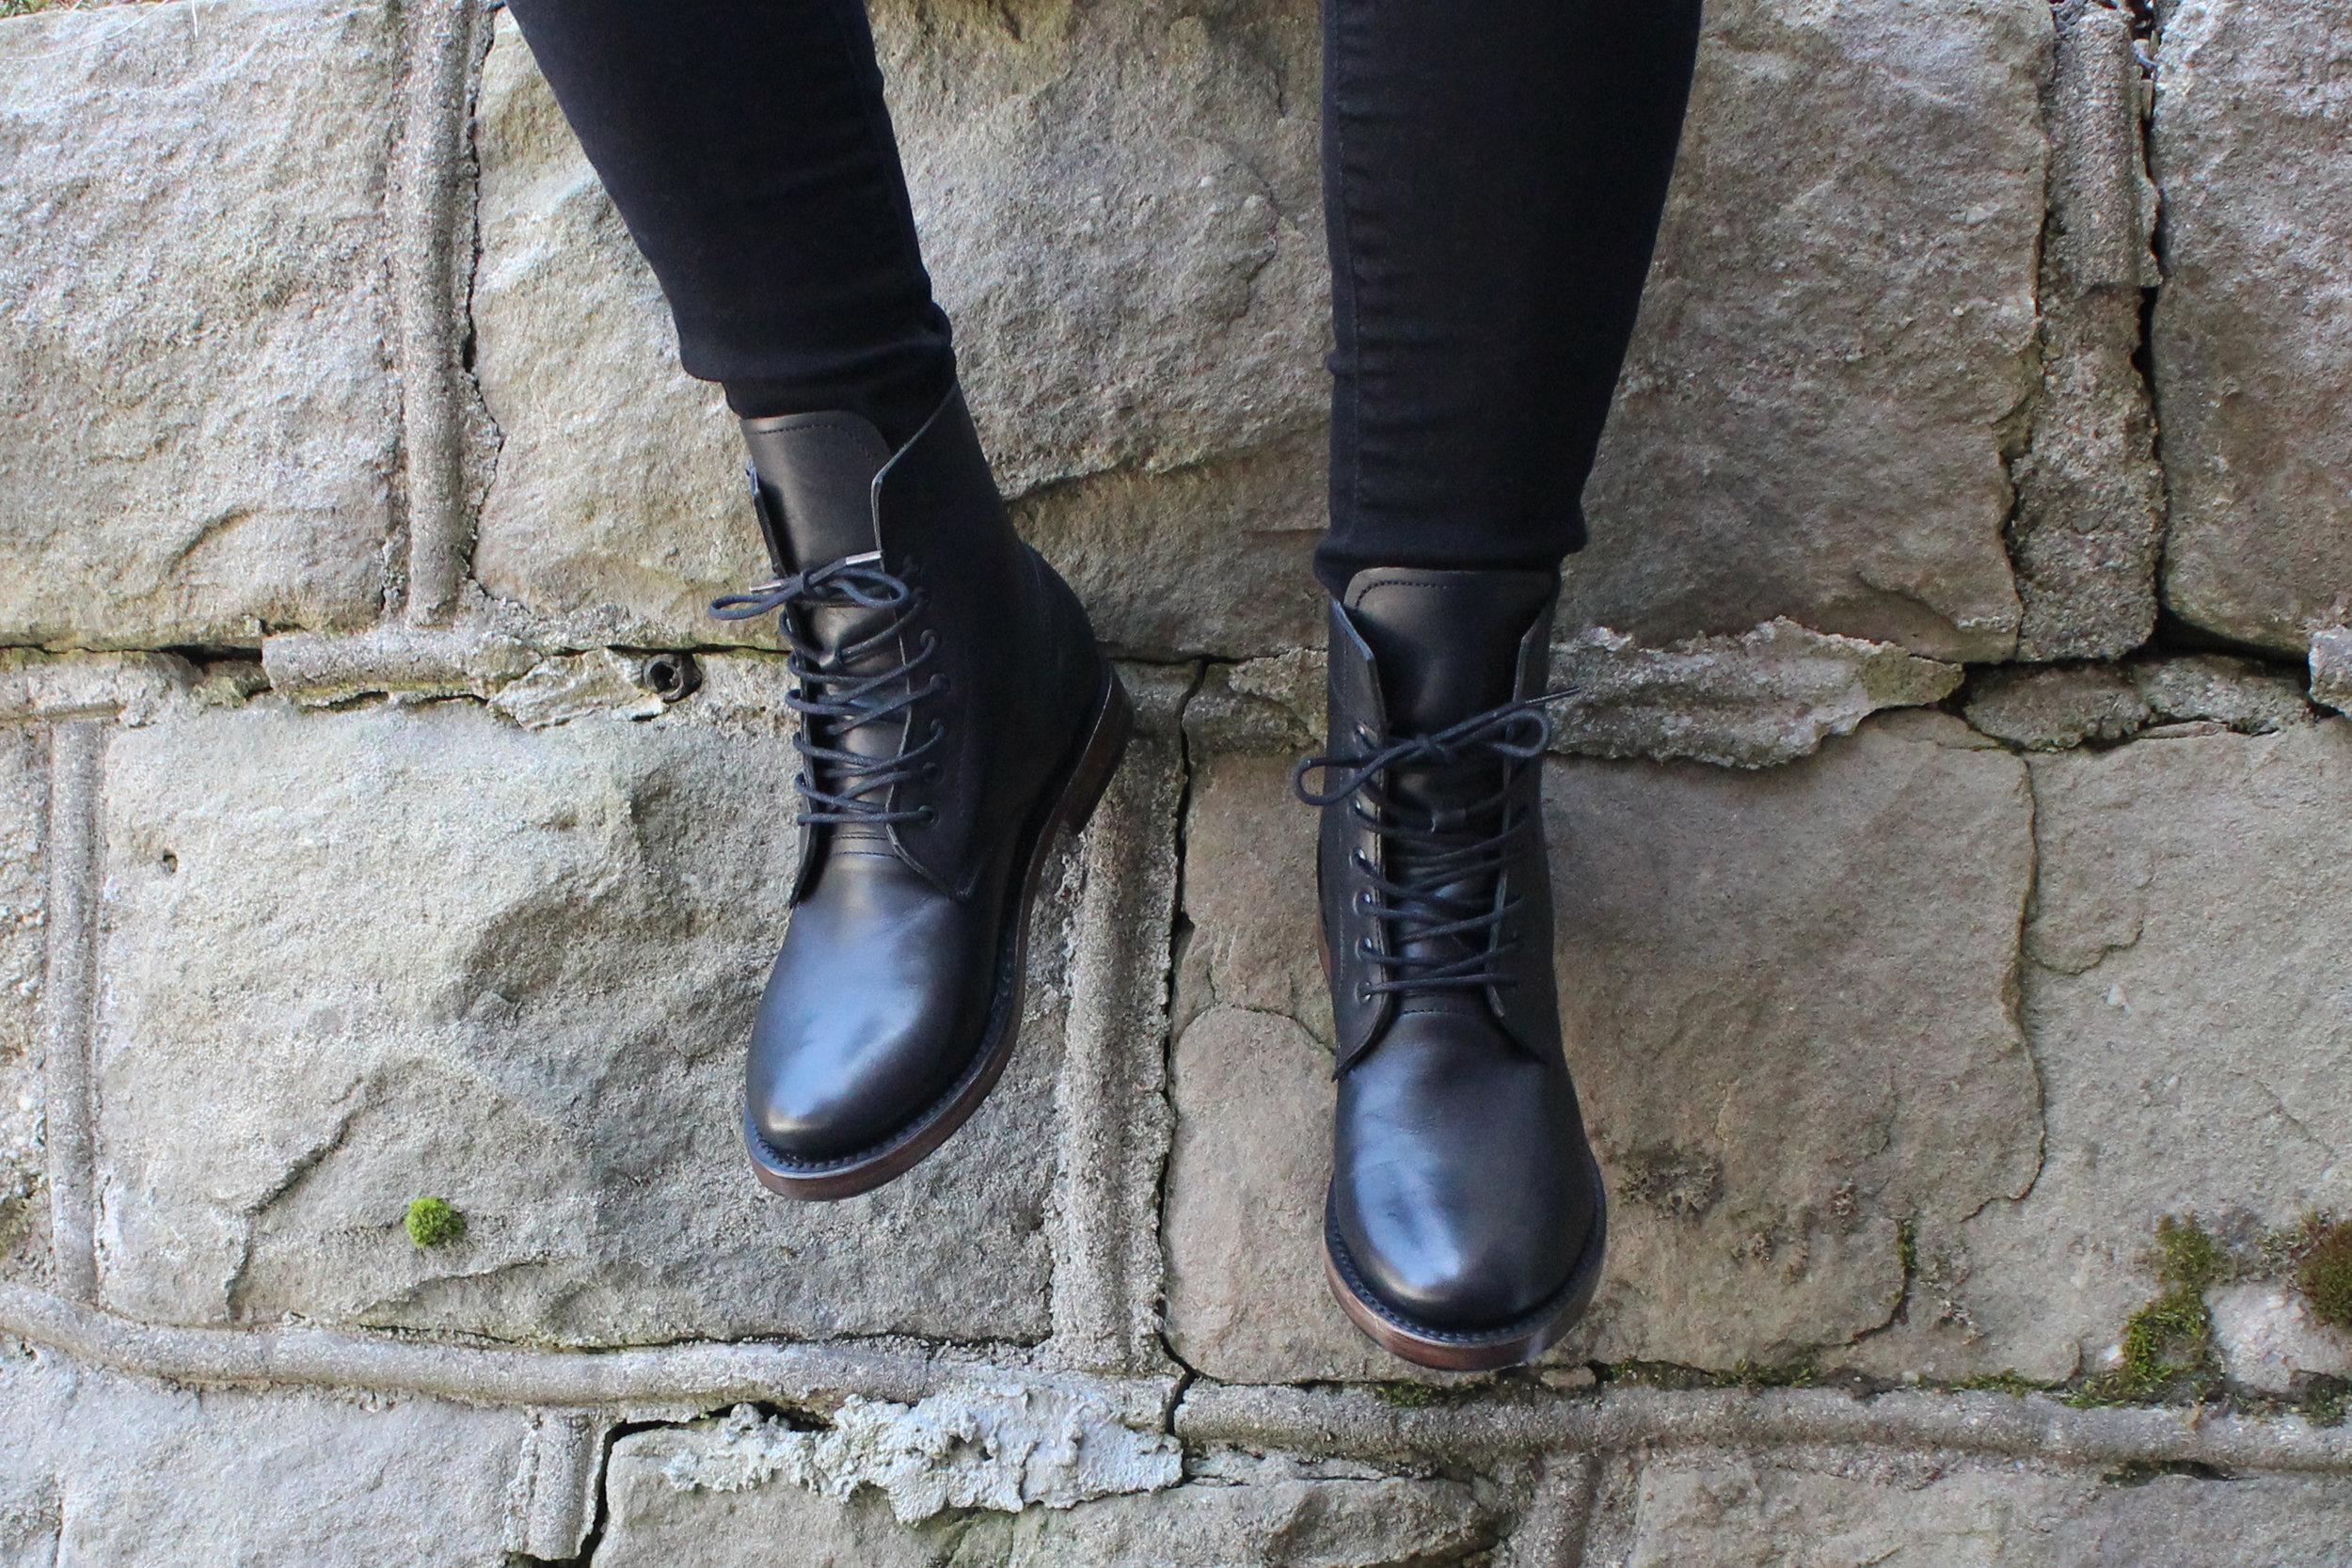 feet-mendelle-01.jpg